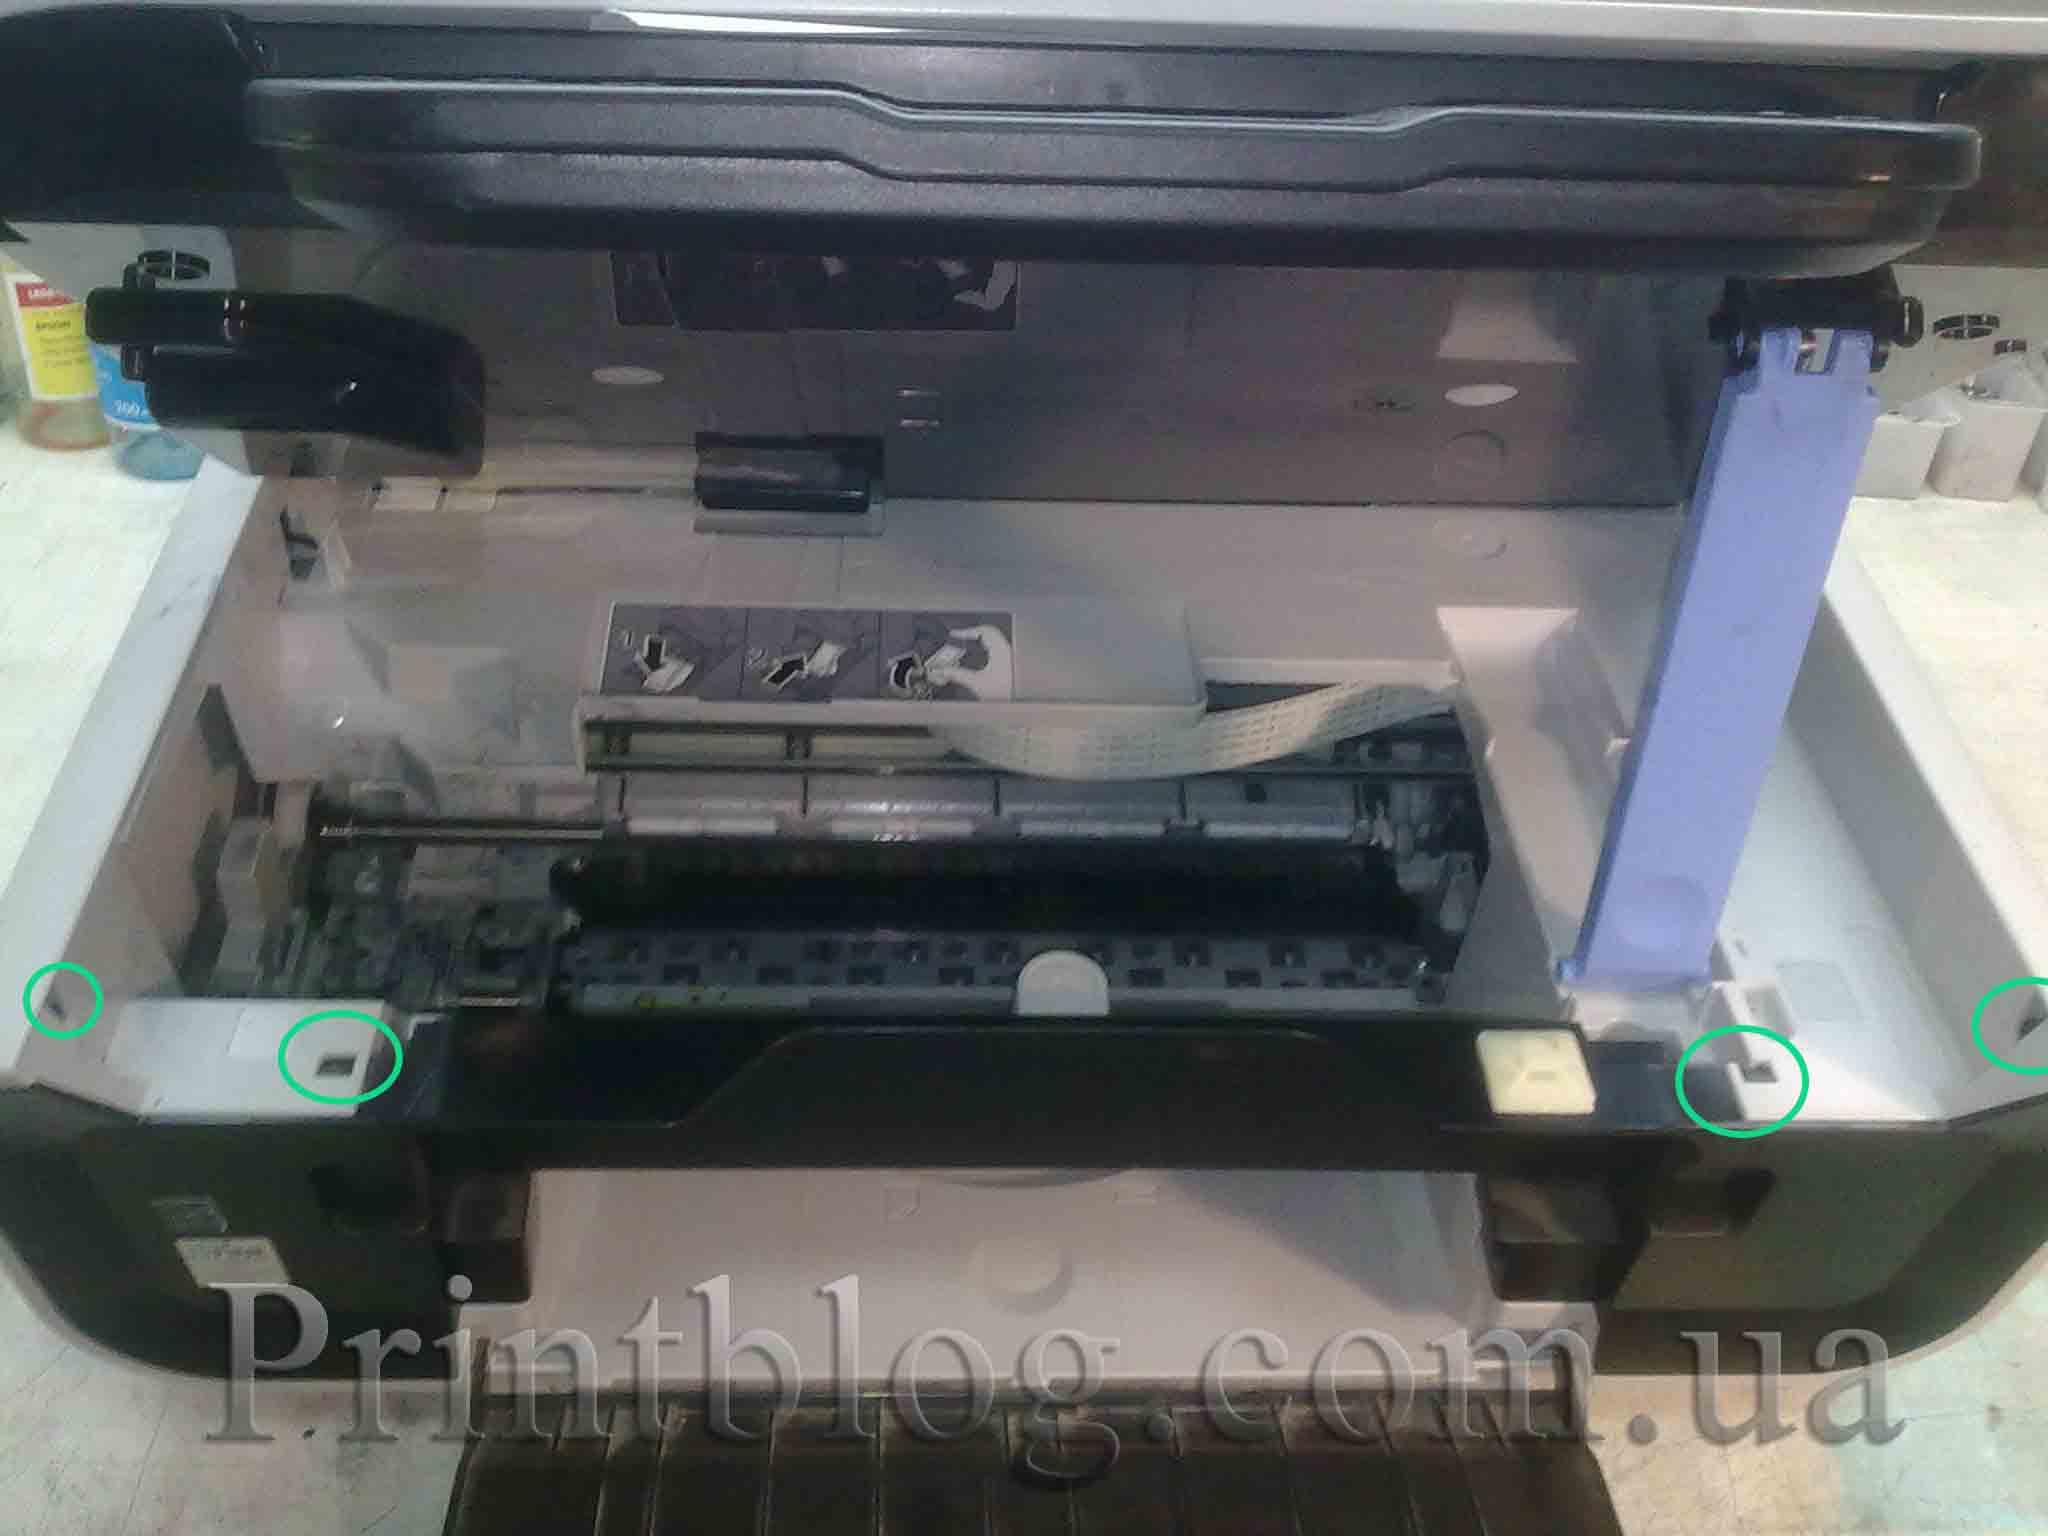 скачать драйвер на принтер кэнон пиксма мп 180